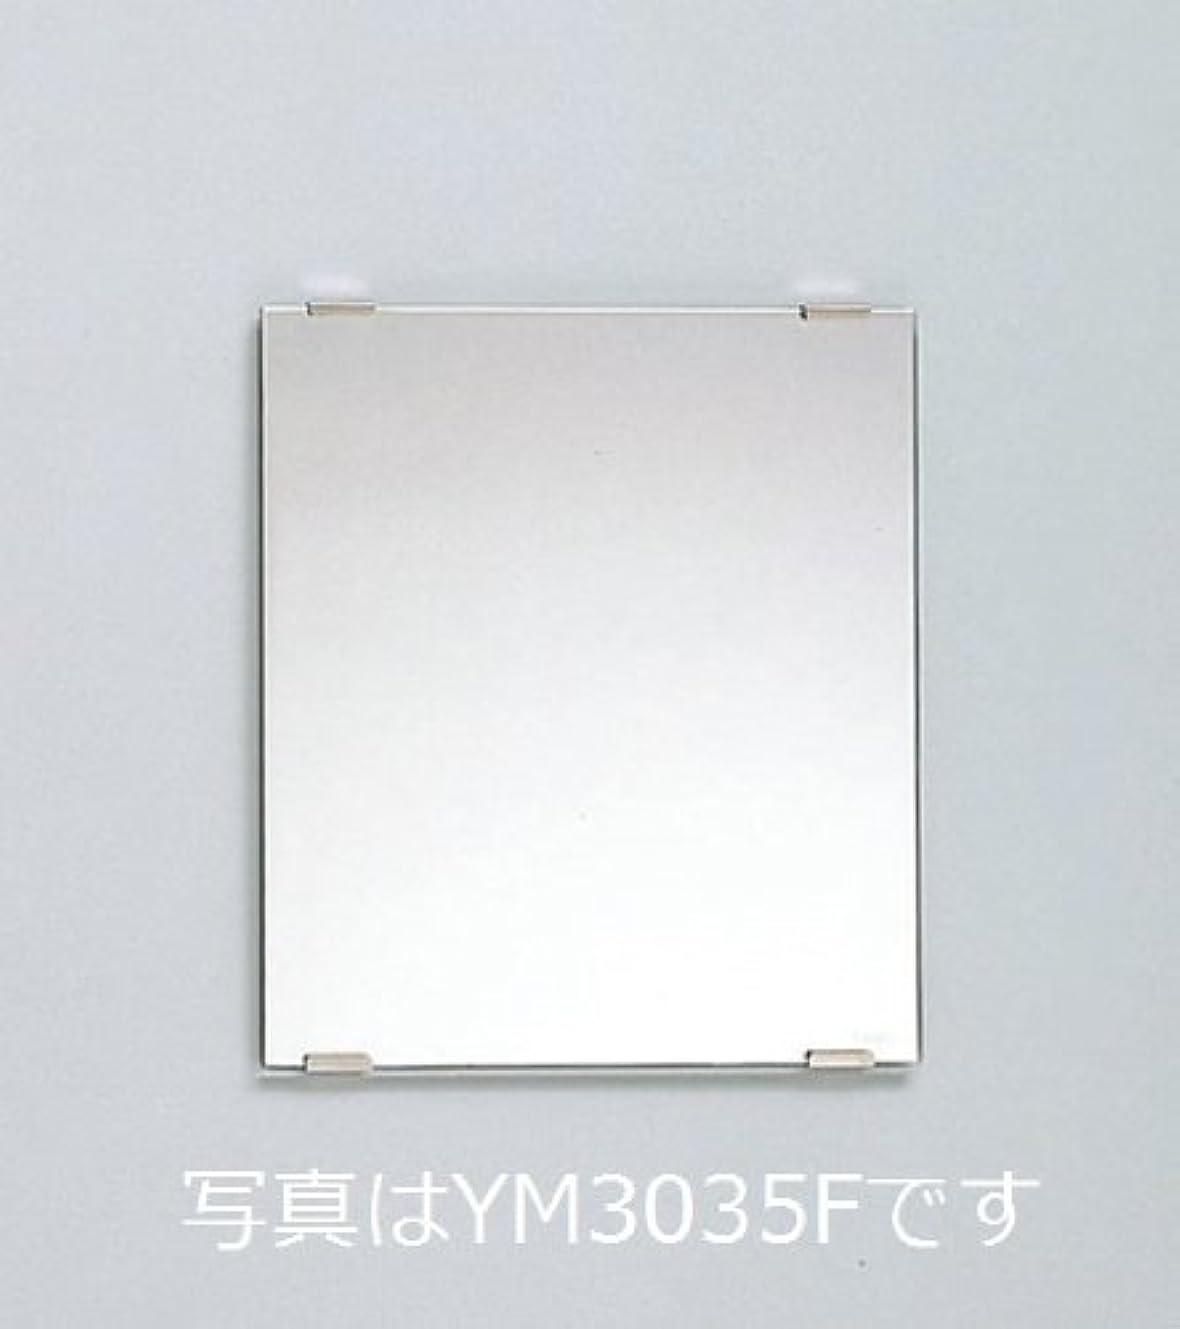 仲介者類推マイルTOTO 化粧鏡 YM3560F 耐食鏡 角型 350×600(mm)